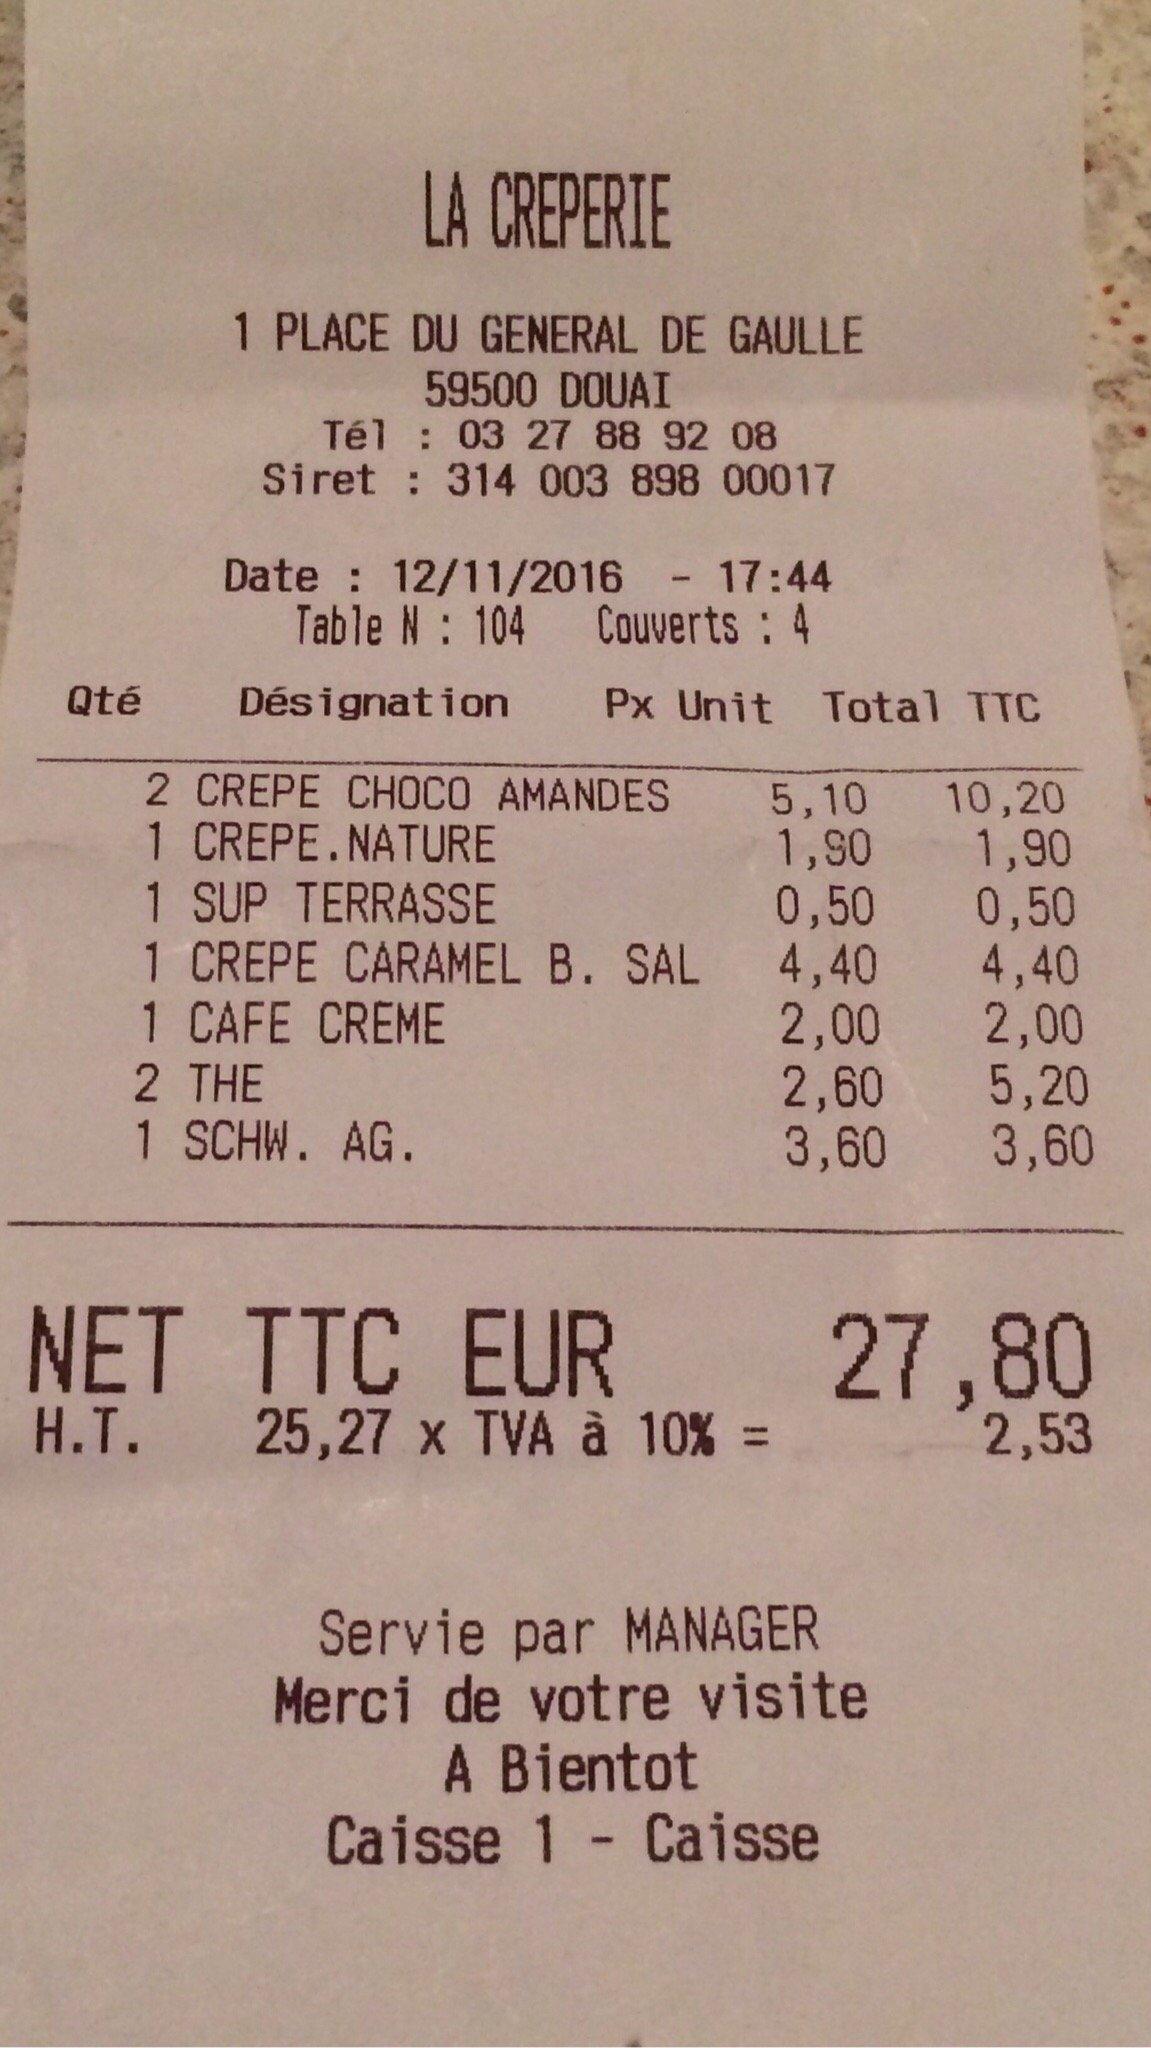 La Crªperie Clery Douai Restaurant Avis Numéro de Téléphone